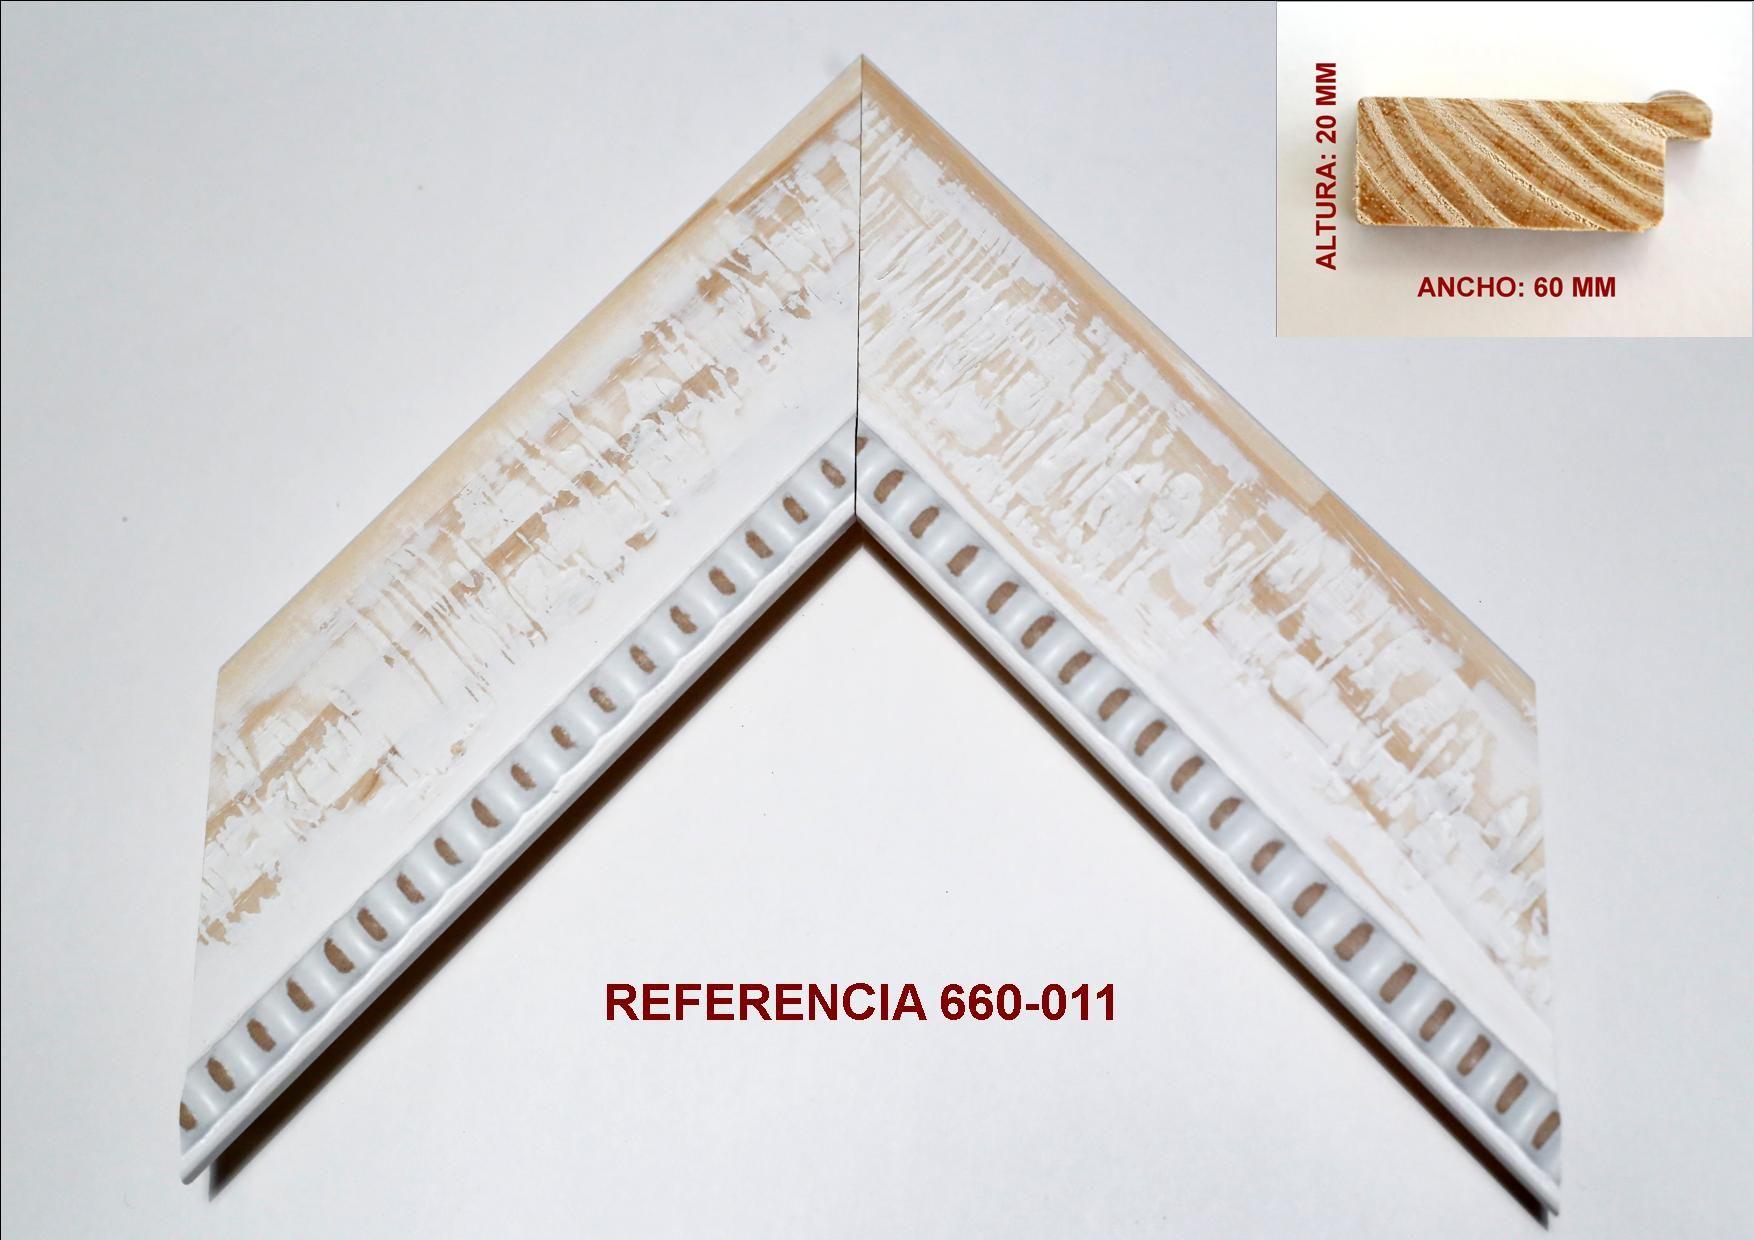 Referencia 660-011: Muestrario de Moldusevilla